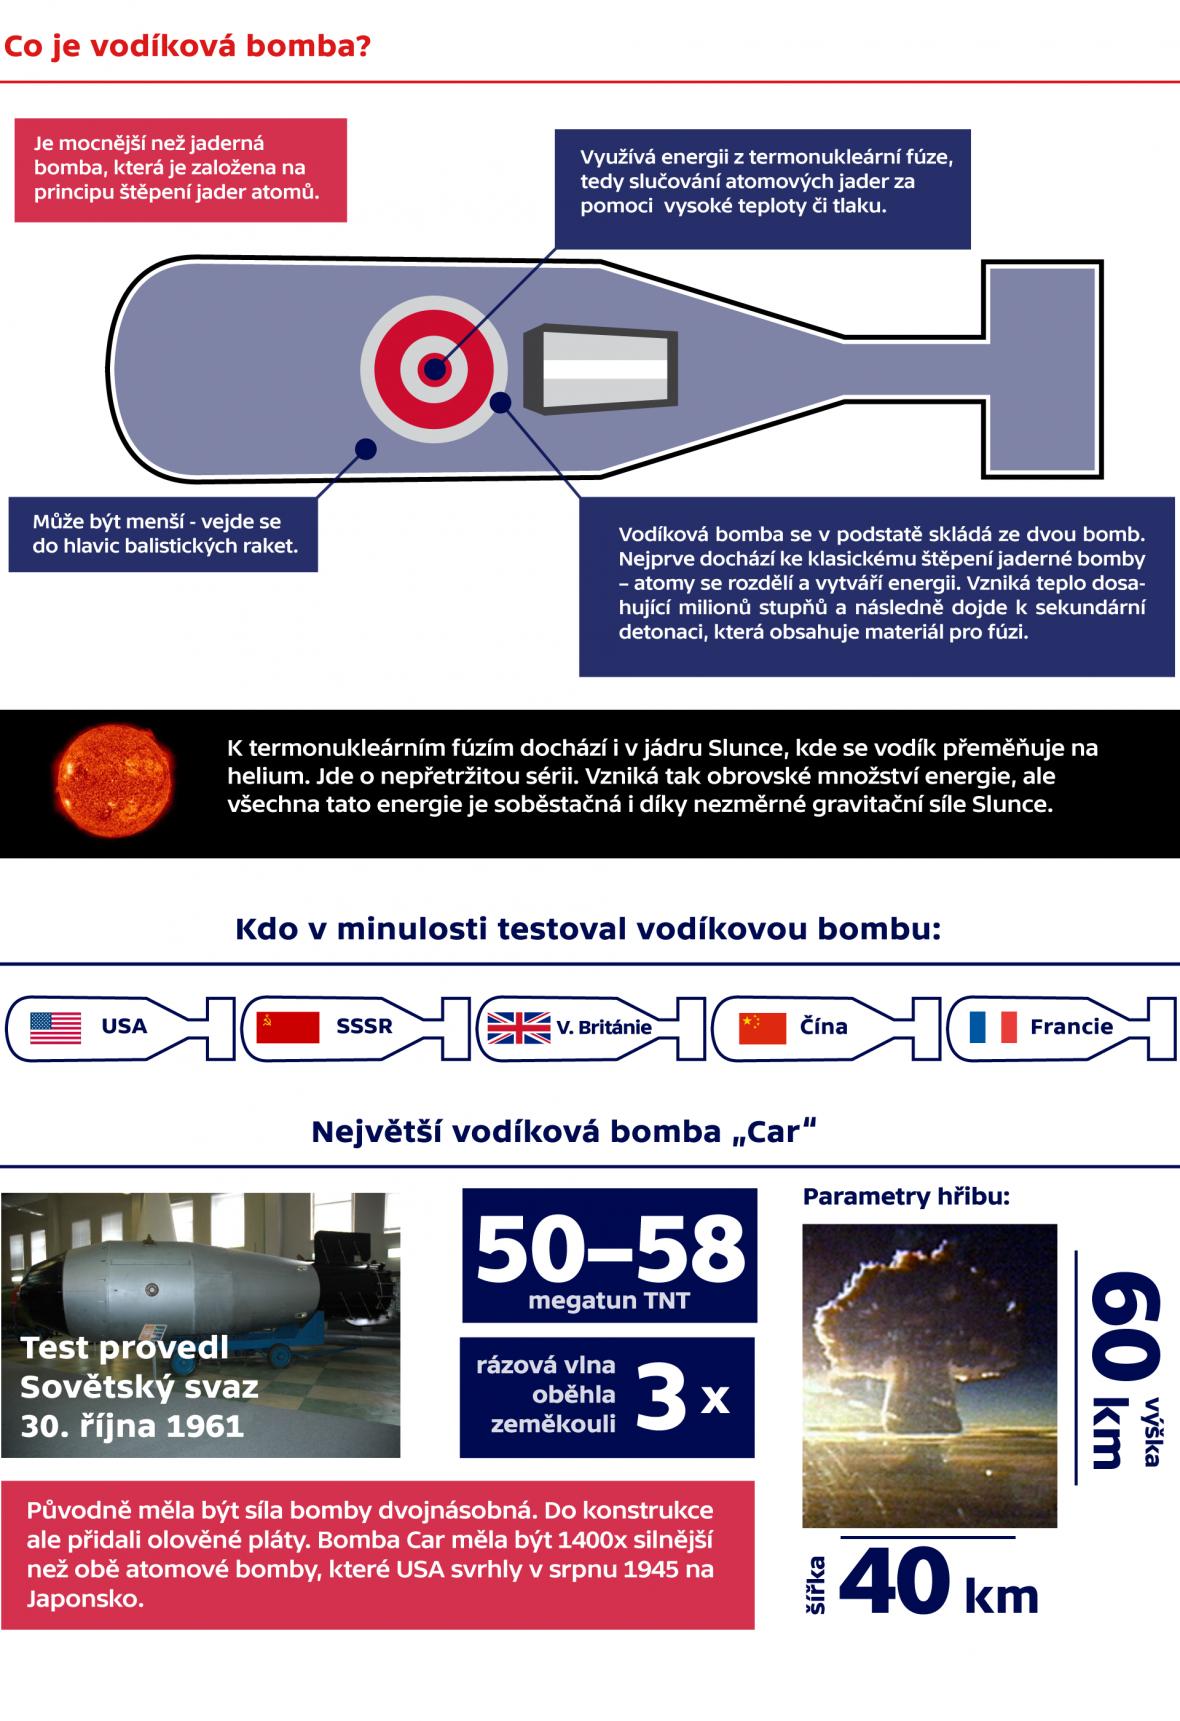 Co je vodíková bomba?